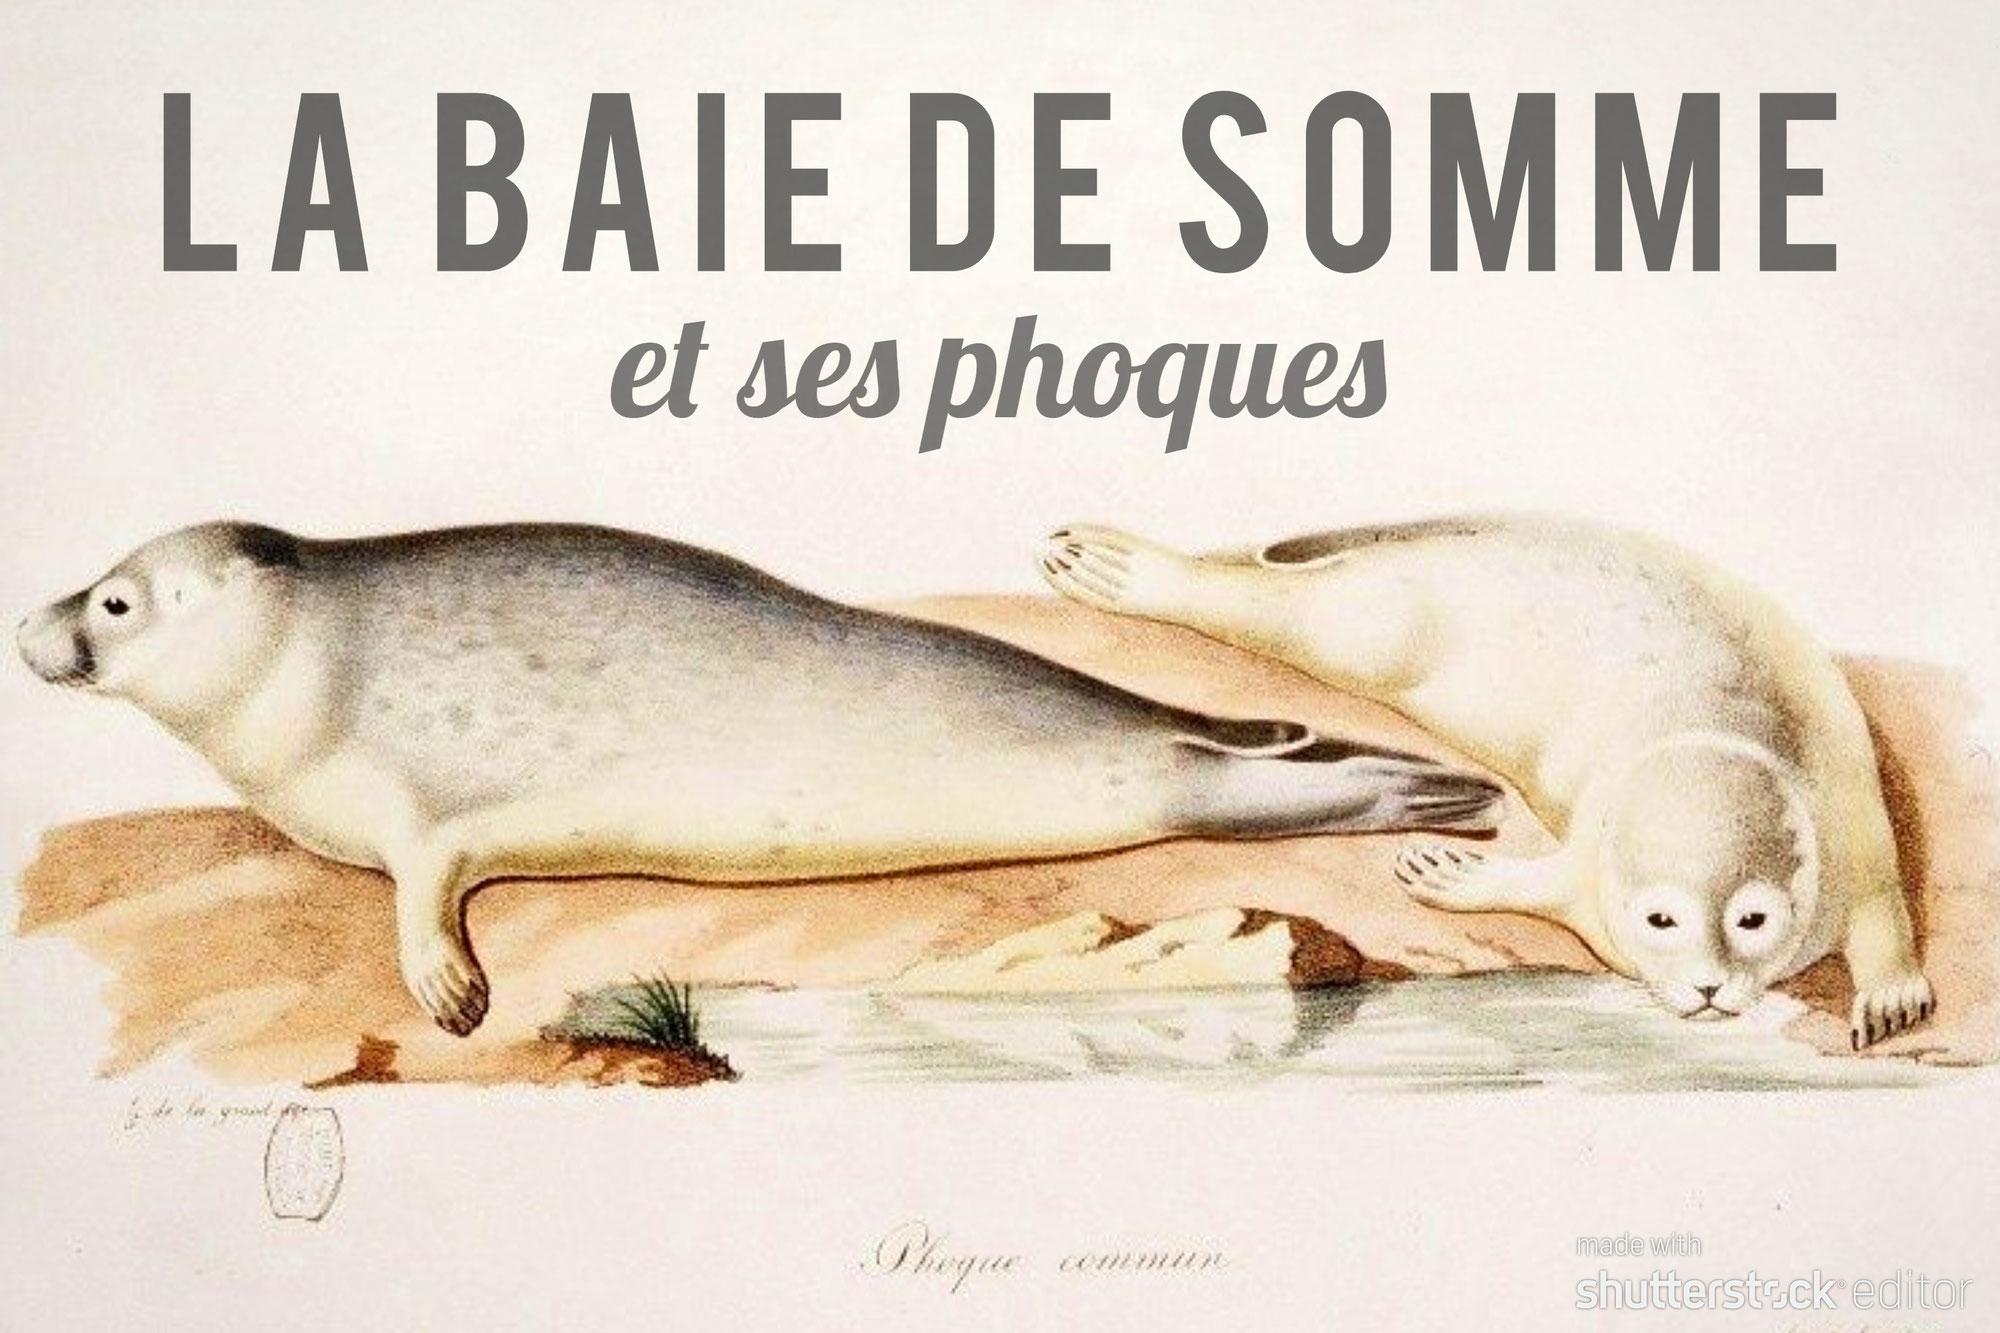 La Baie de Somme et ses phoques